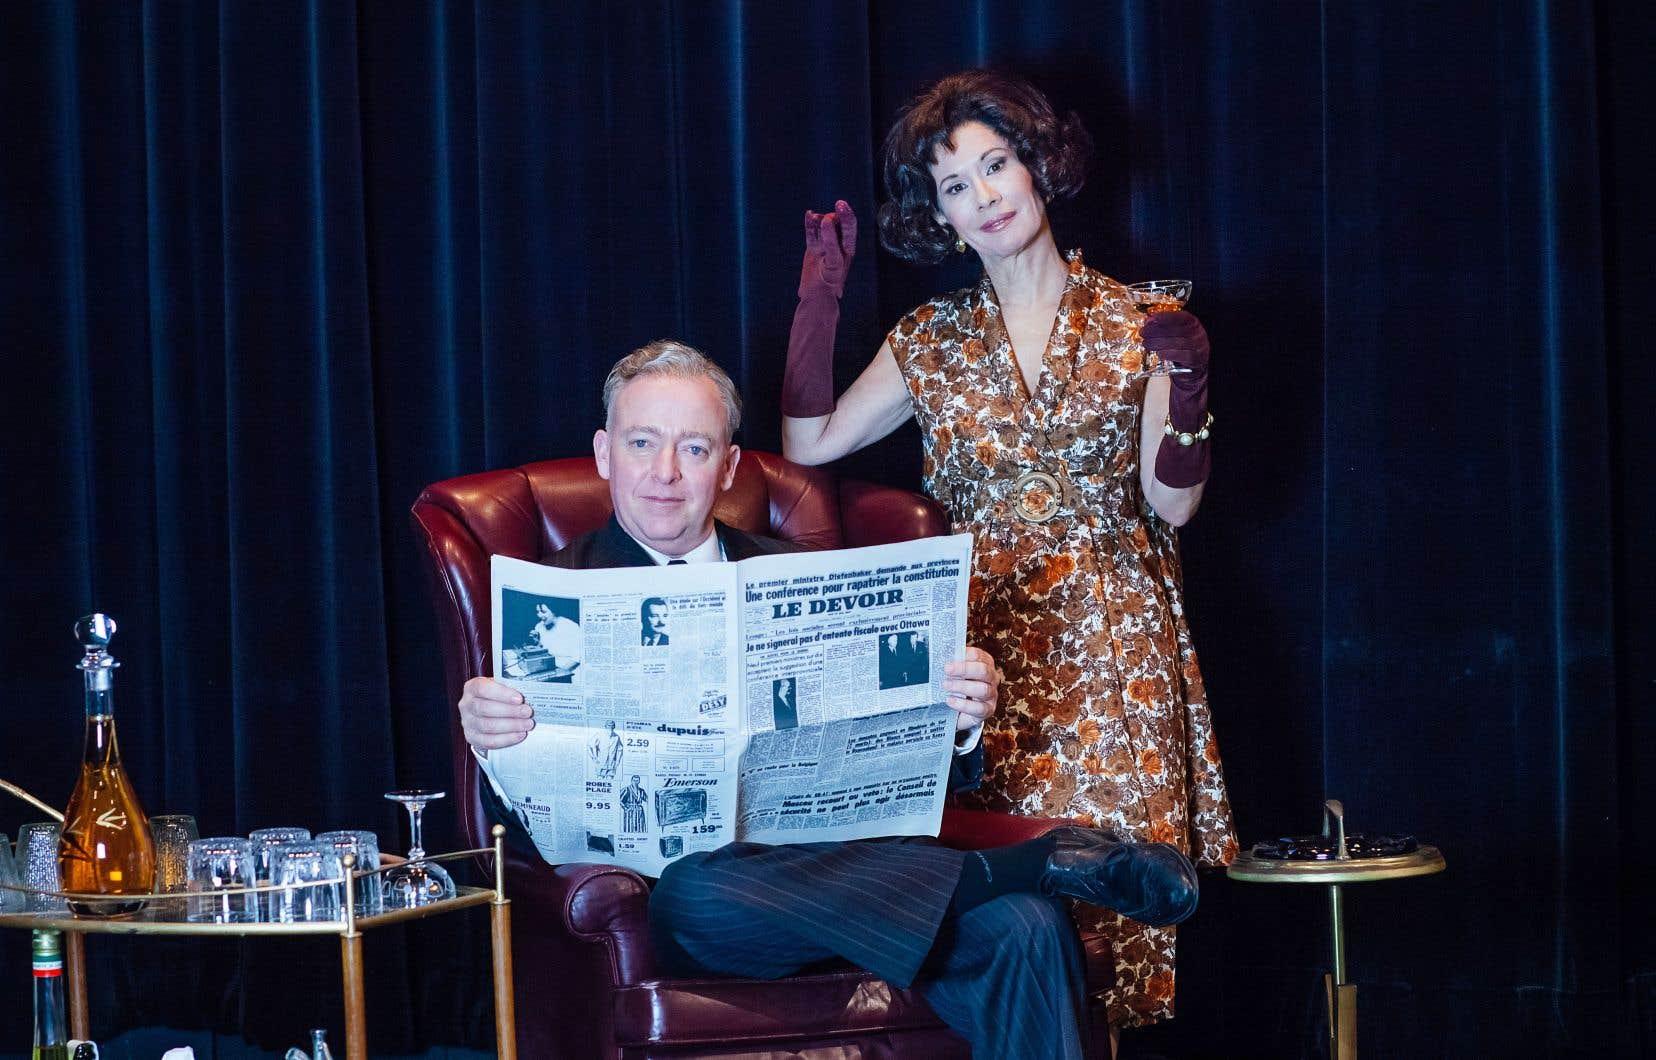 Les comédiens Guy Jodoin et Sylvie Léonard dans le décor de Bilan.